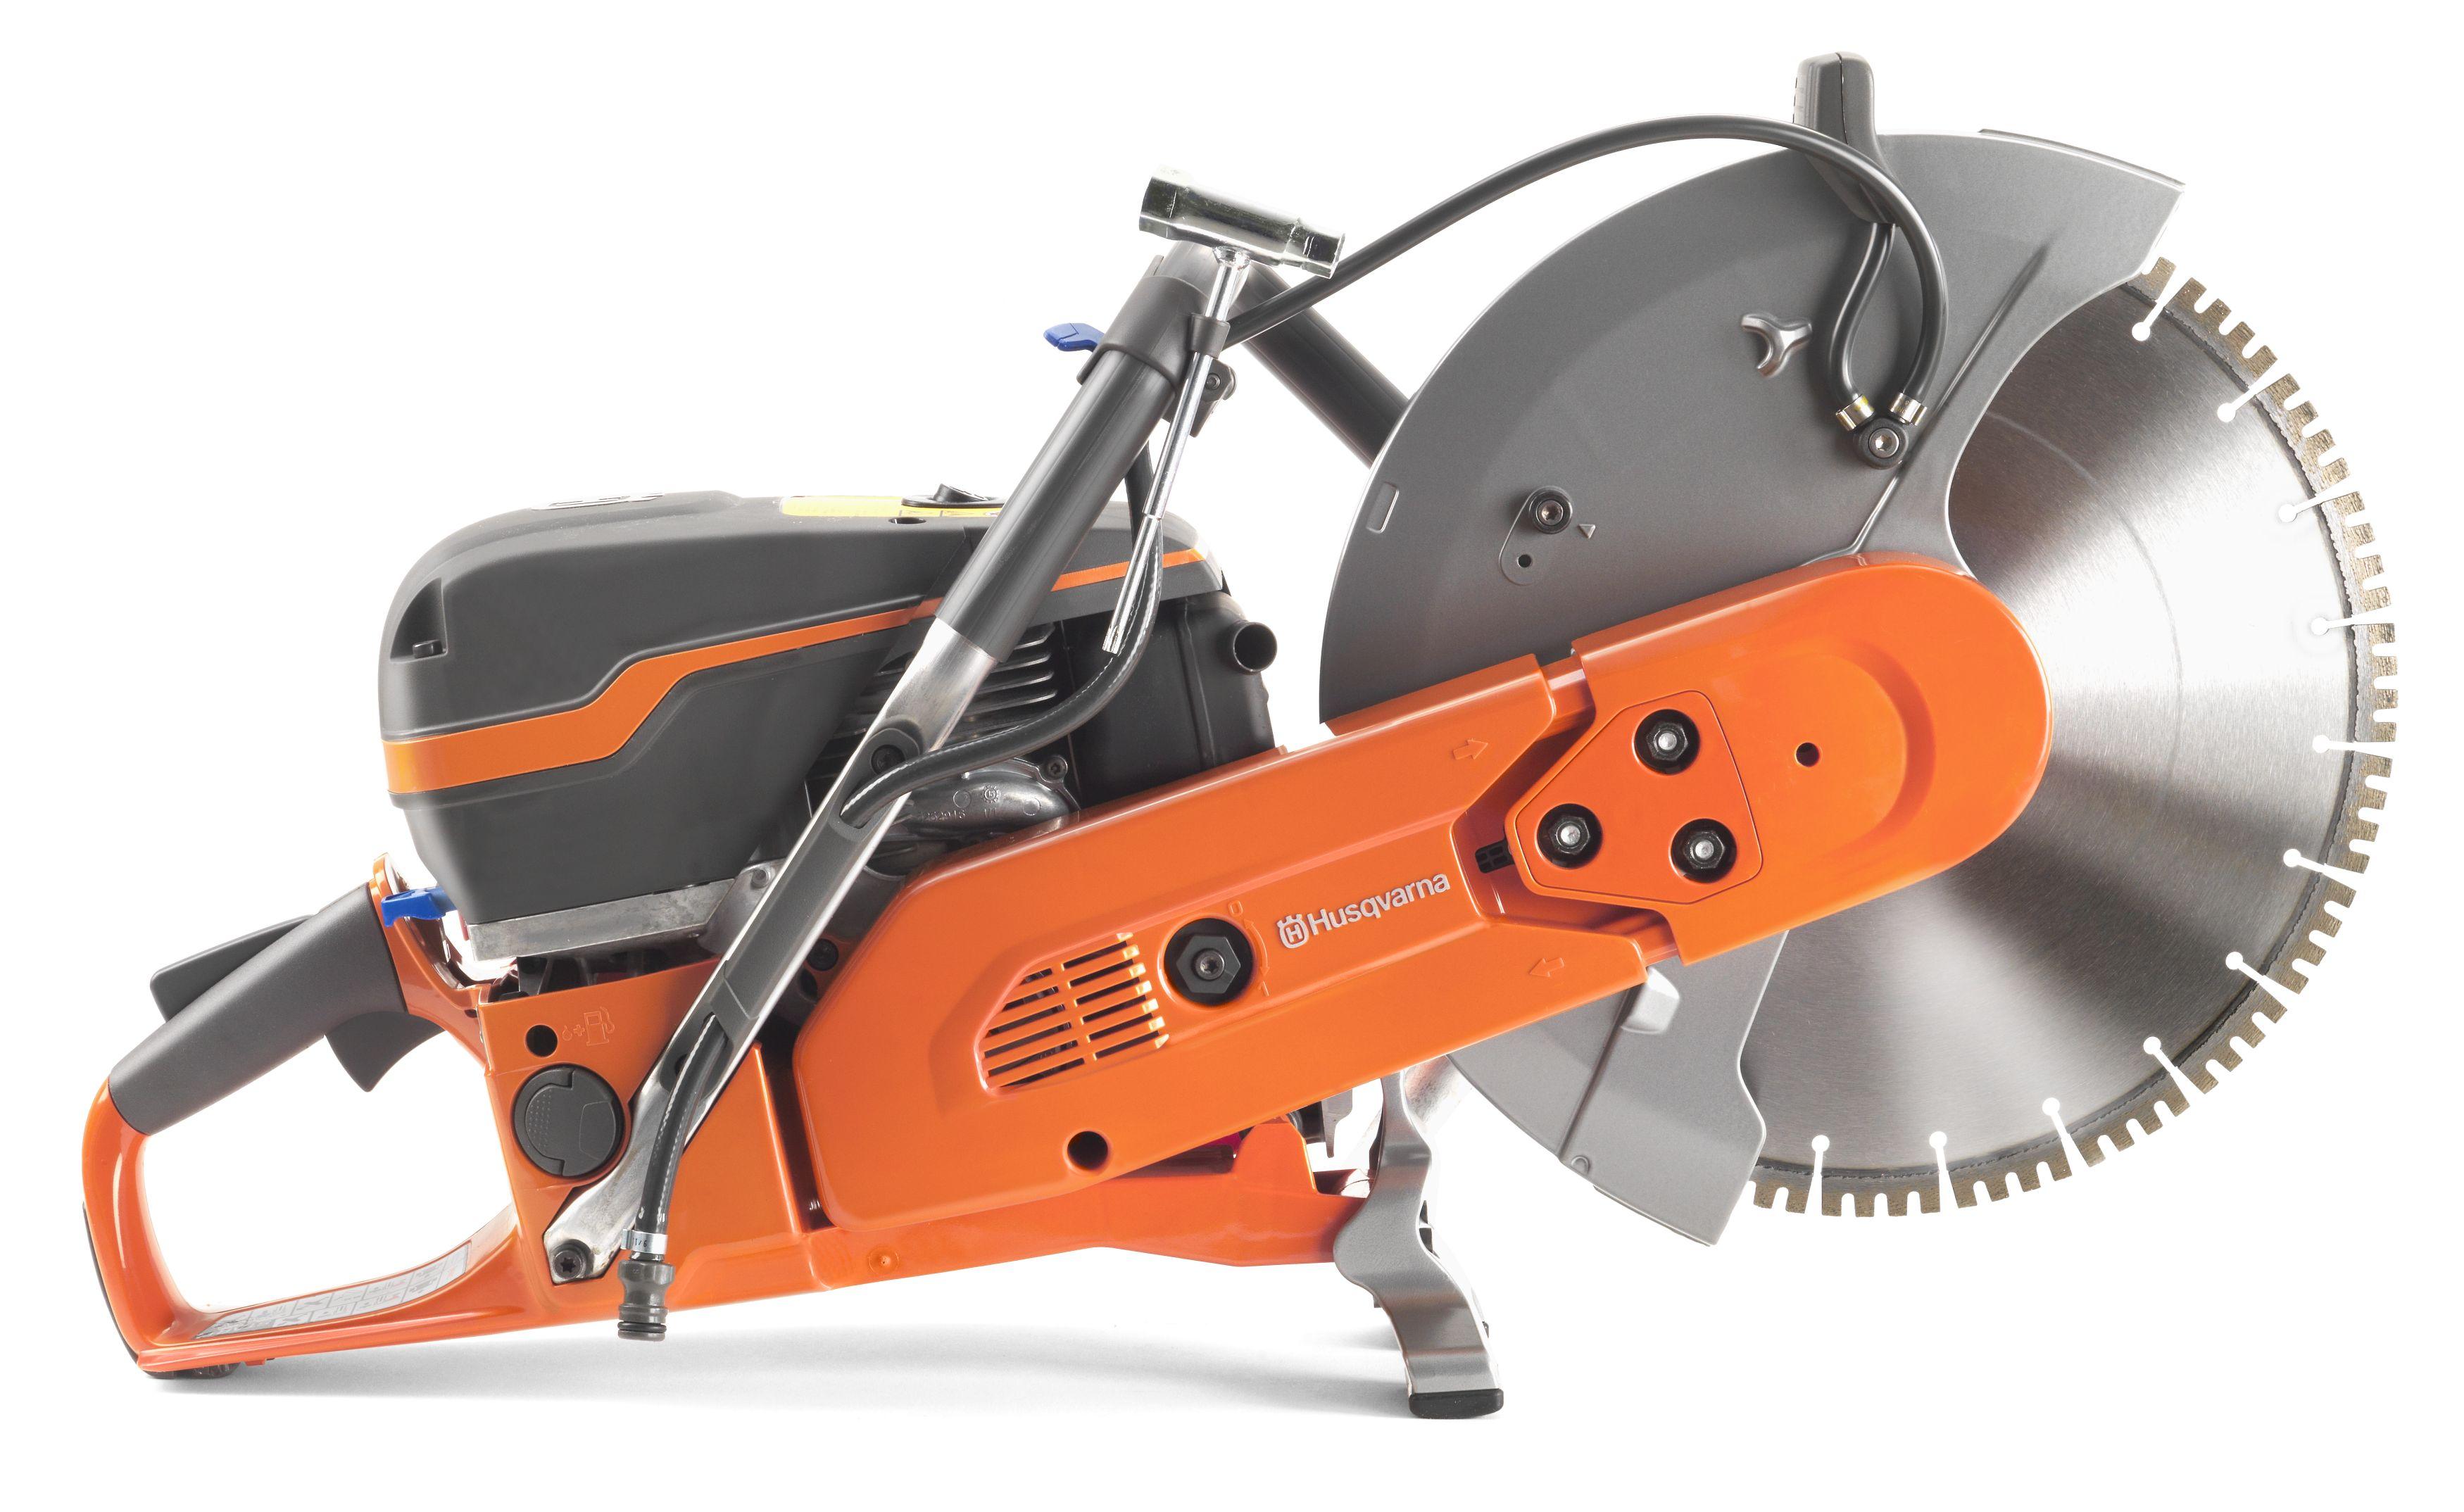 """Oranžs Husqvarna spēka zāģis, modelis """"K970'' ar 14 collu griezējdisku, skats no labā sāna"""